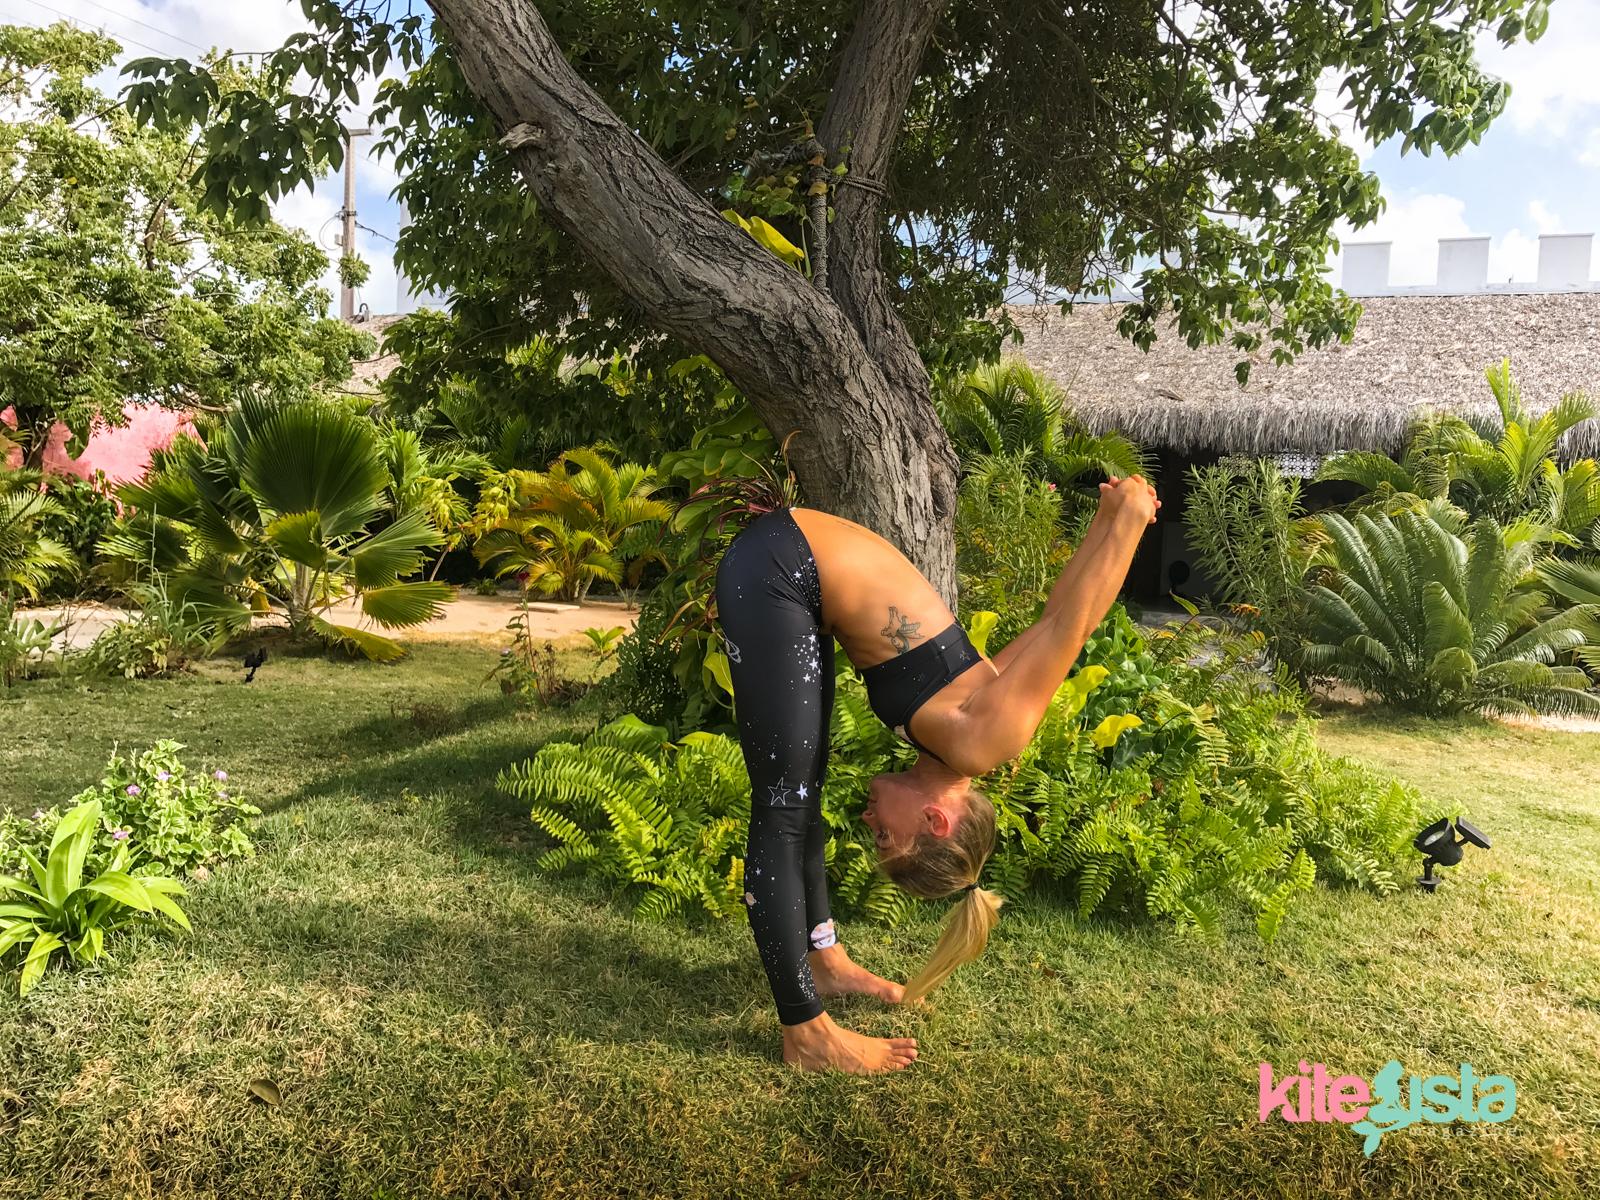 Sofi Chevalier Yoga - KiteSista